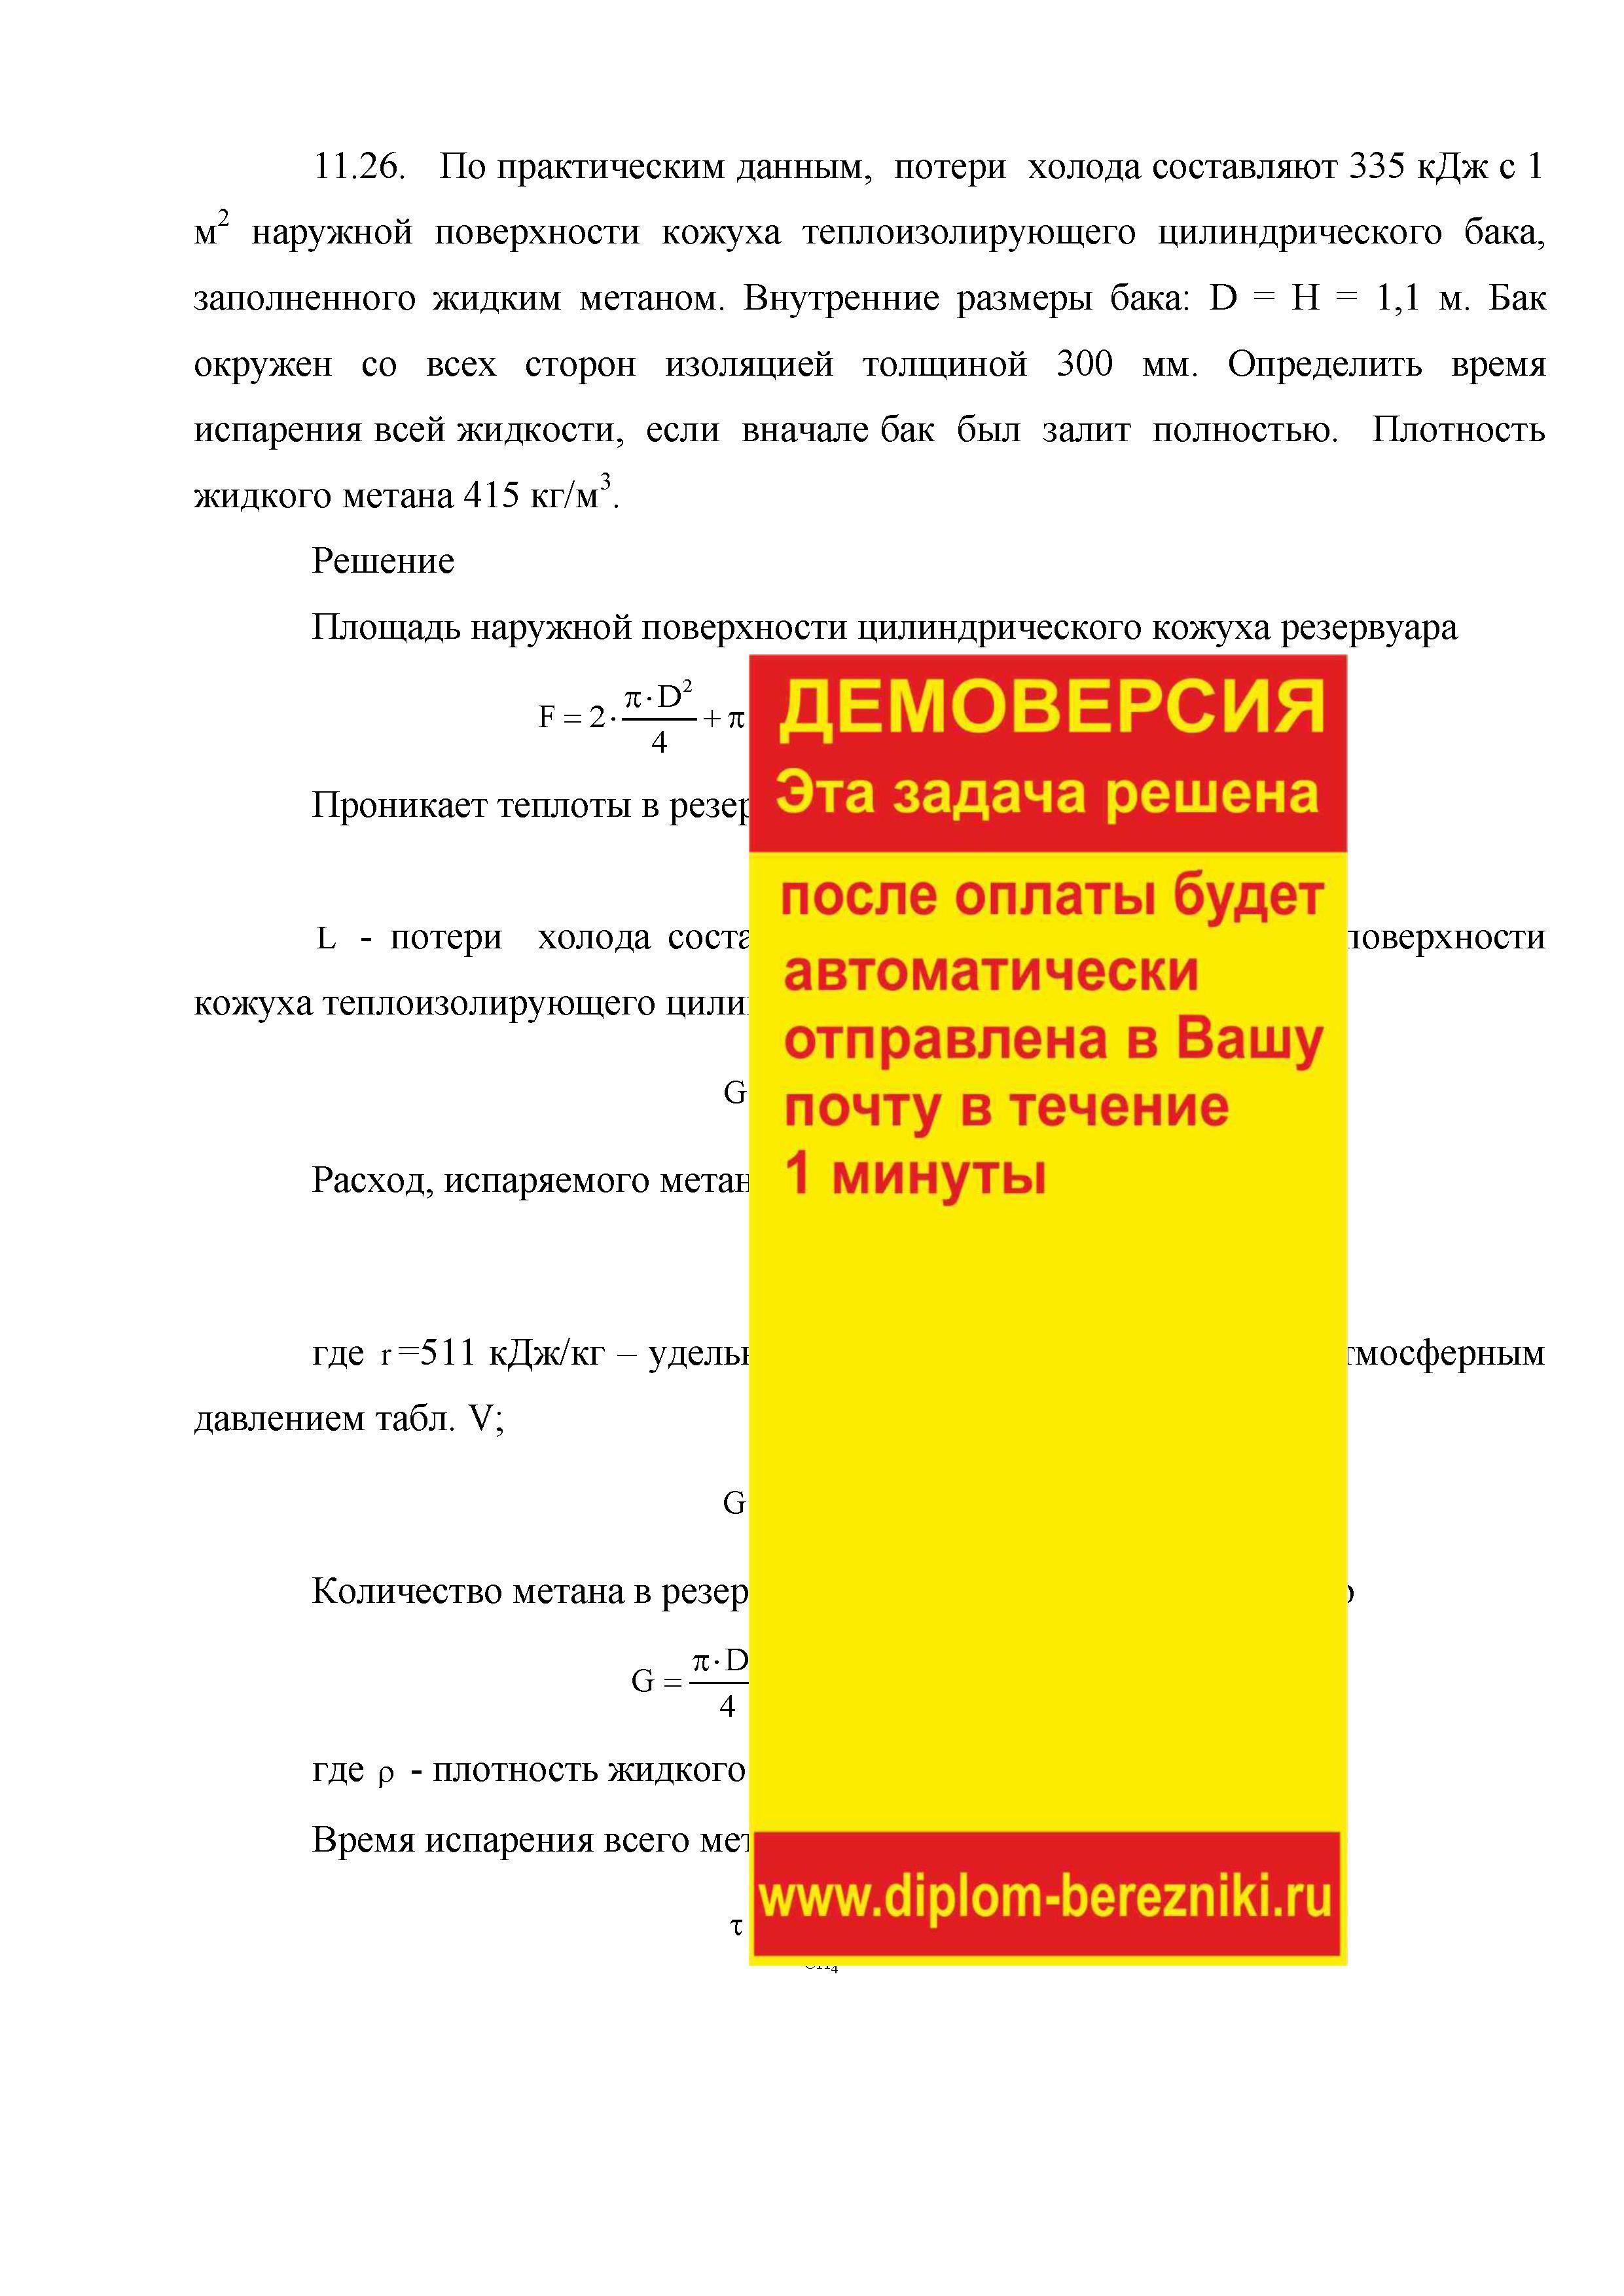 Решение задачи 11.26  по ПАХТ из задачника Павлова Романкова Носкова